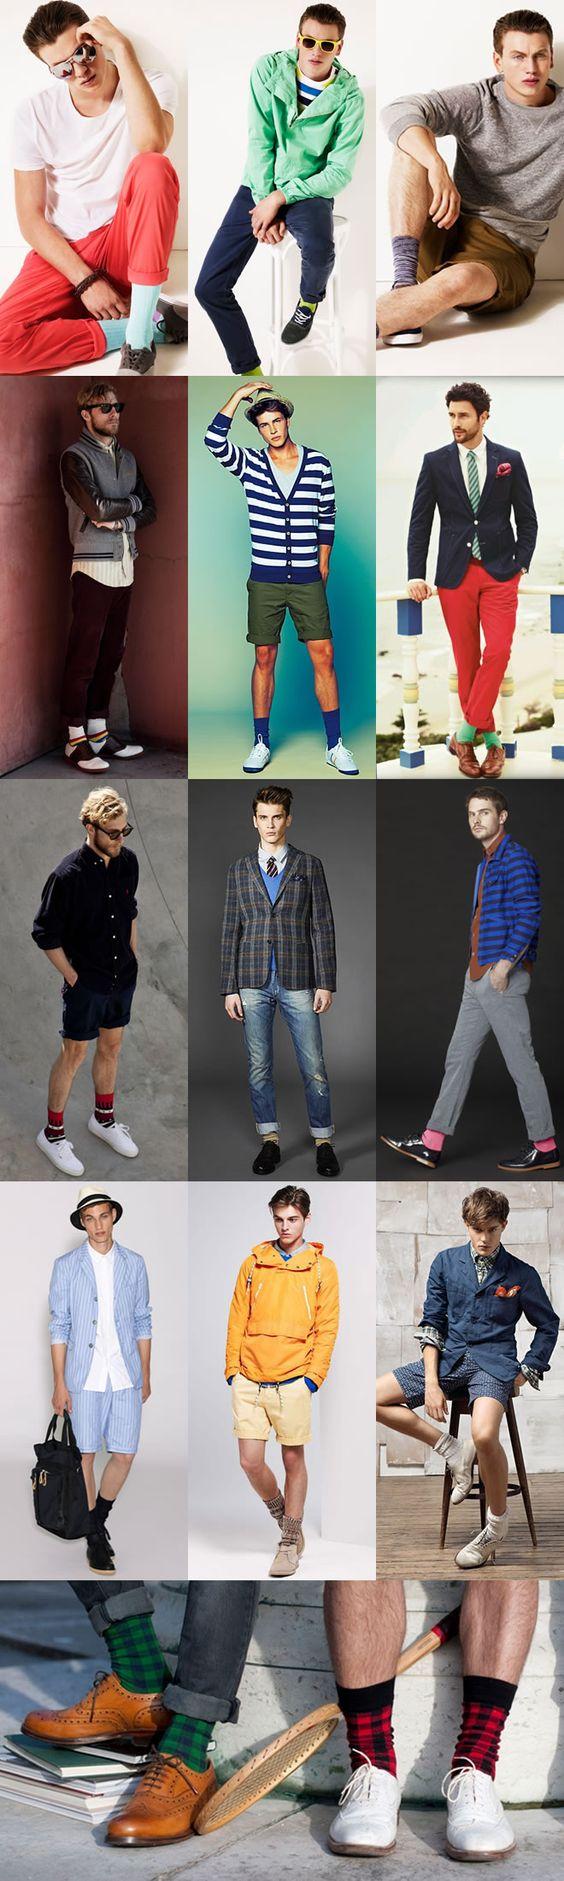 Men's Style: Socks In The Summer